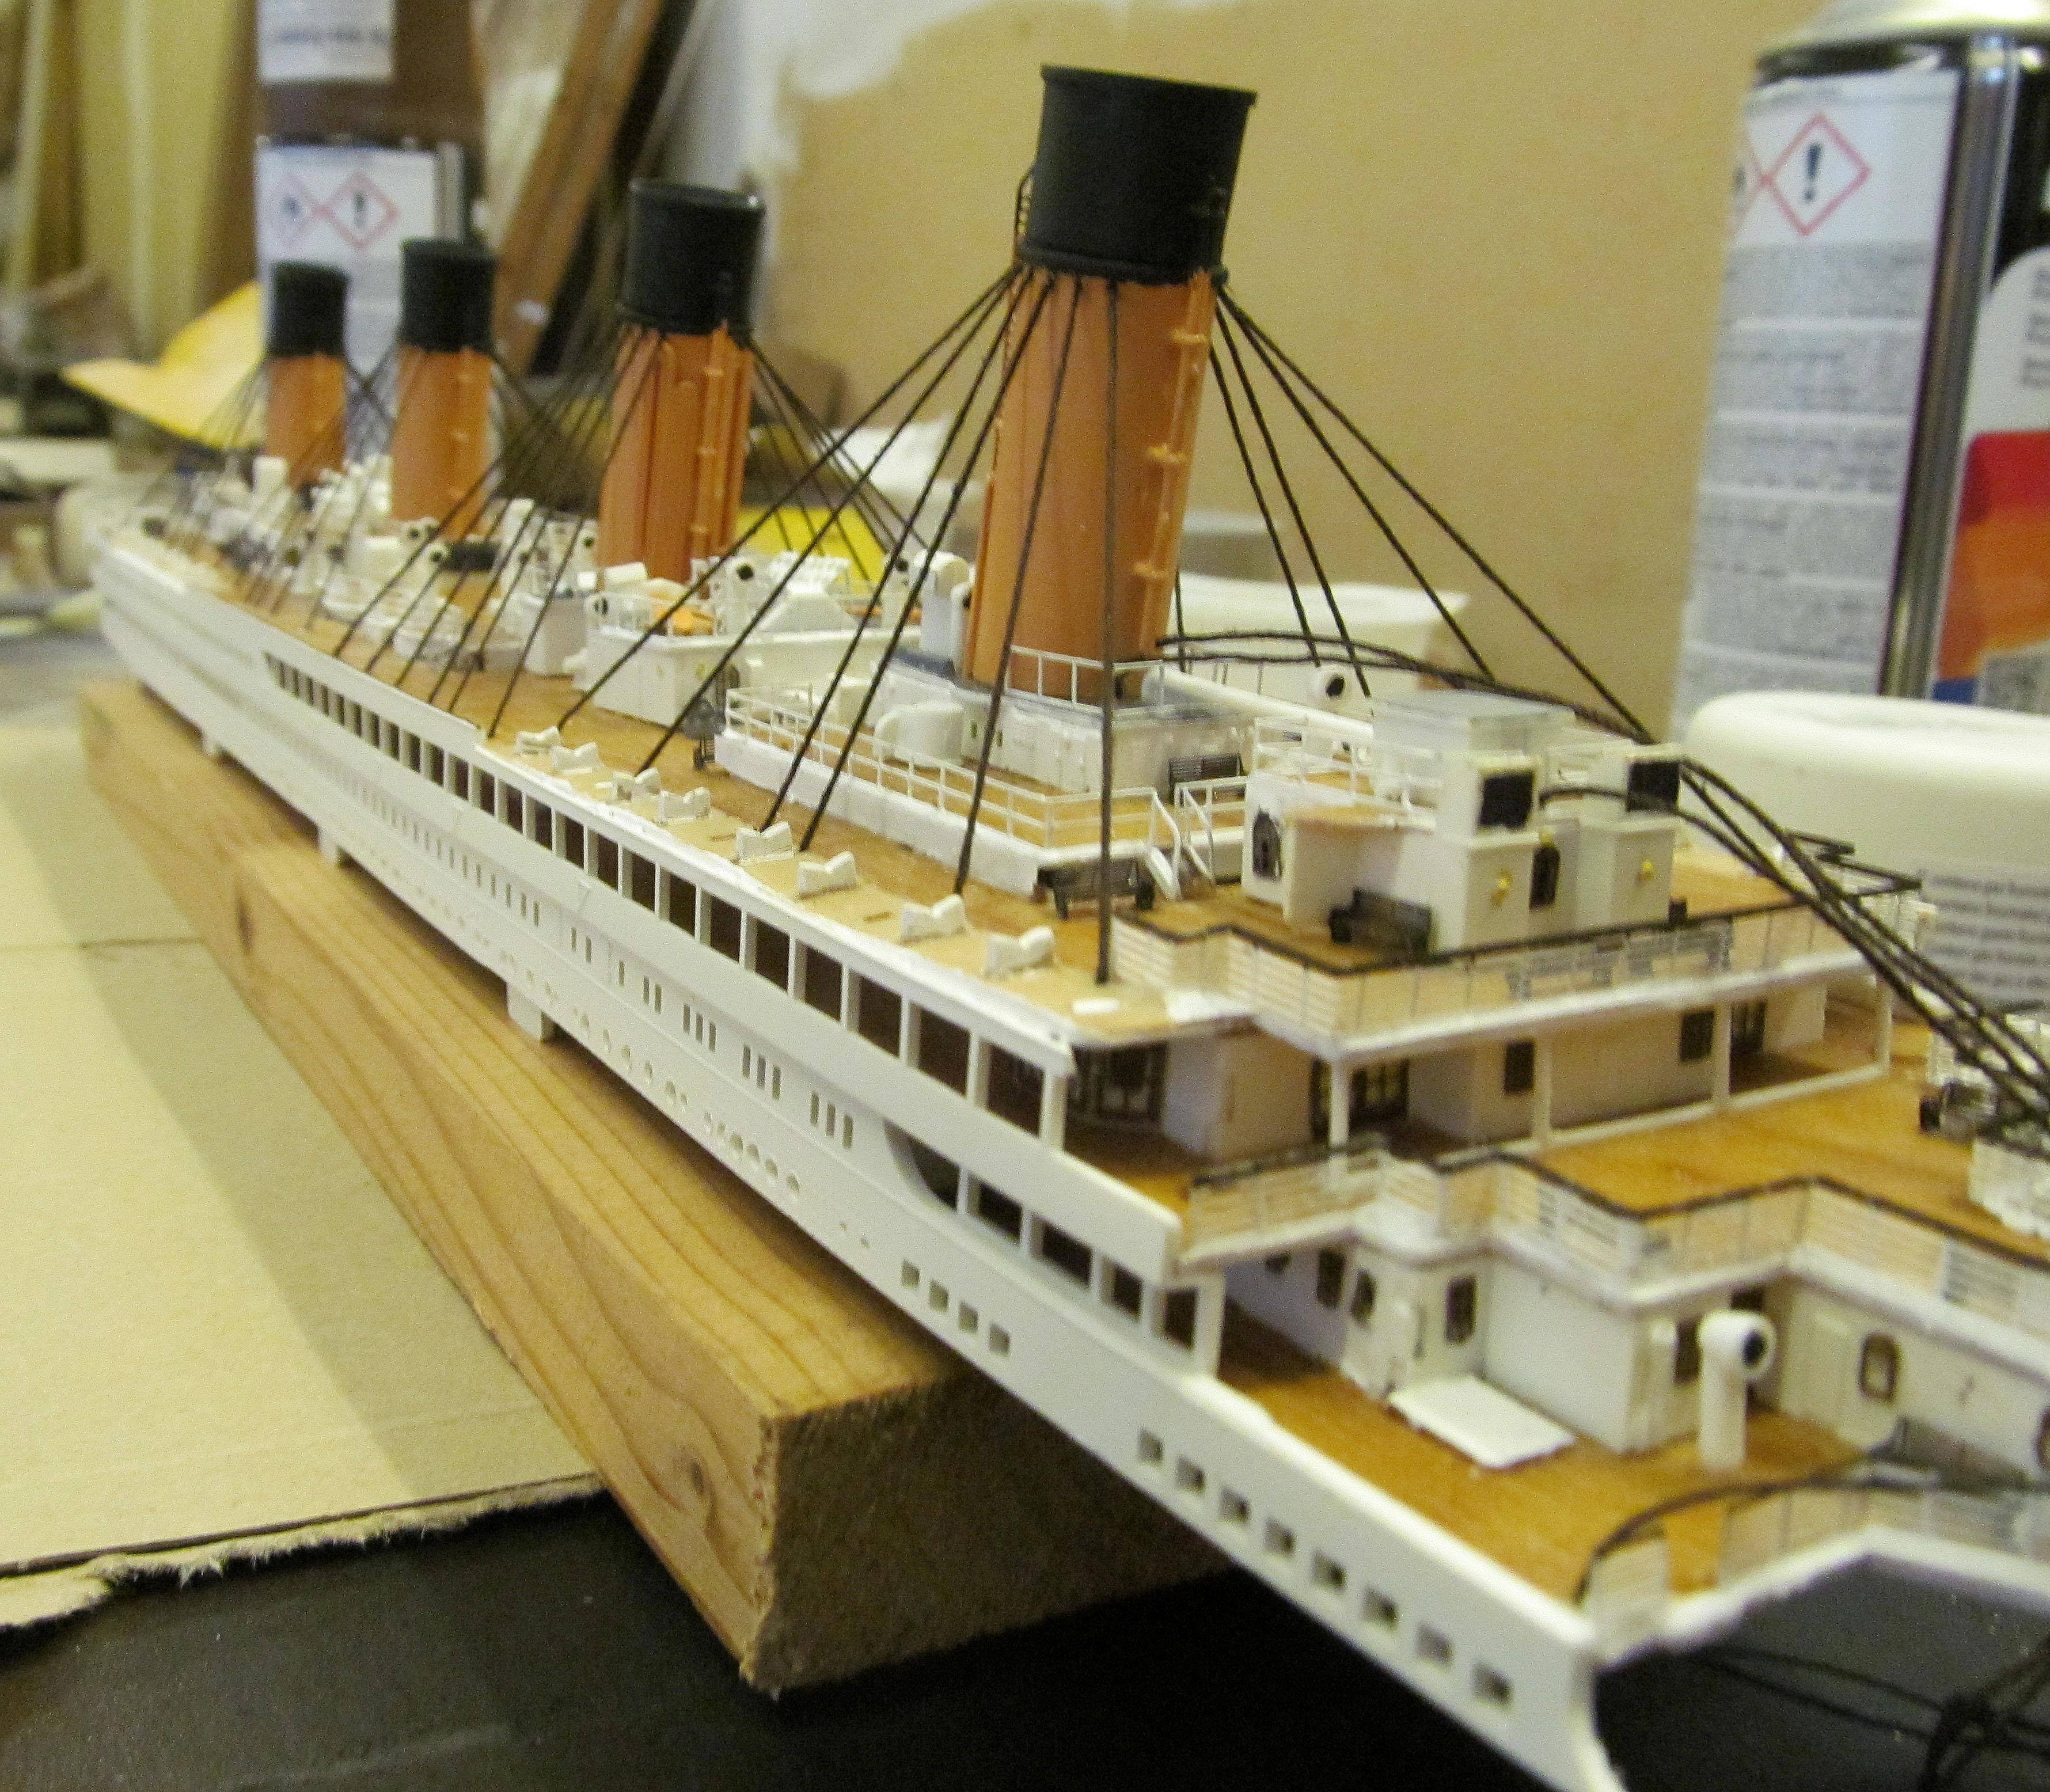 Encore un Titanic en construction 1/400 de chez Academy - Page 2 16060402542318121214281949